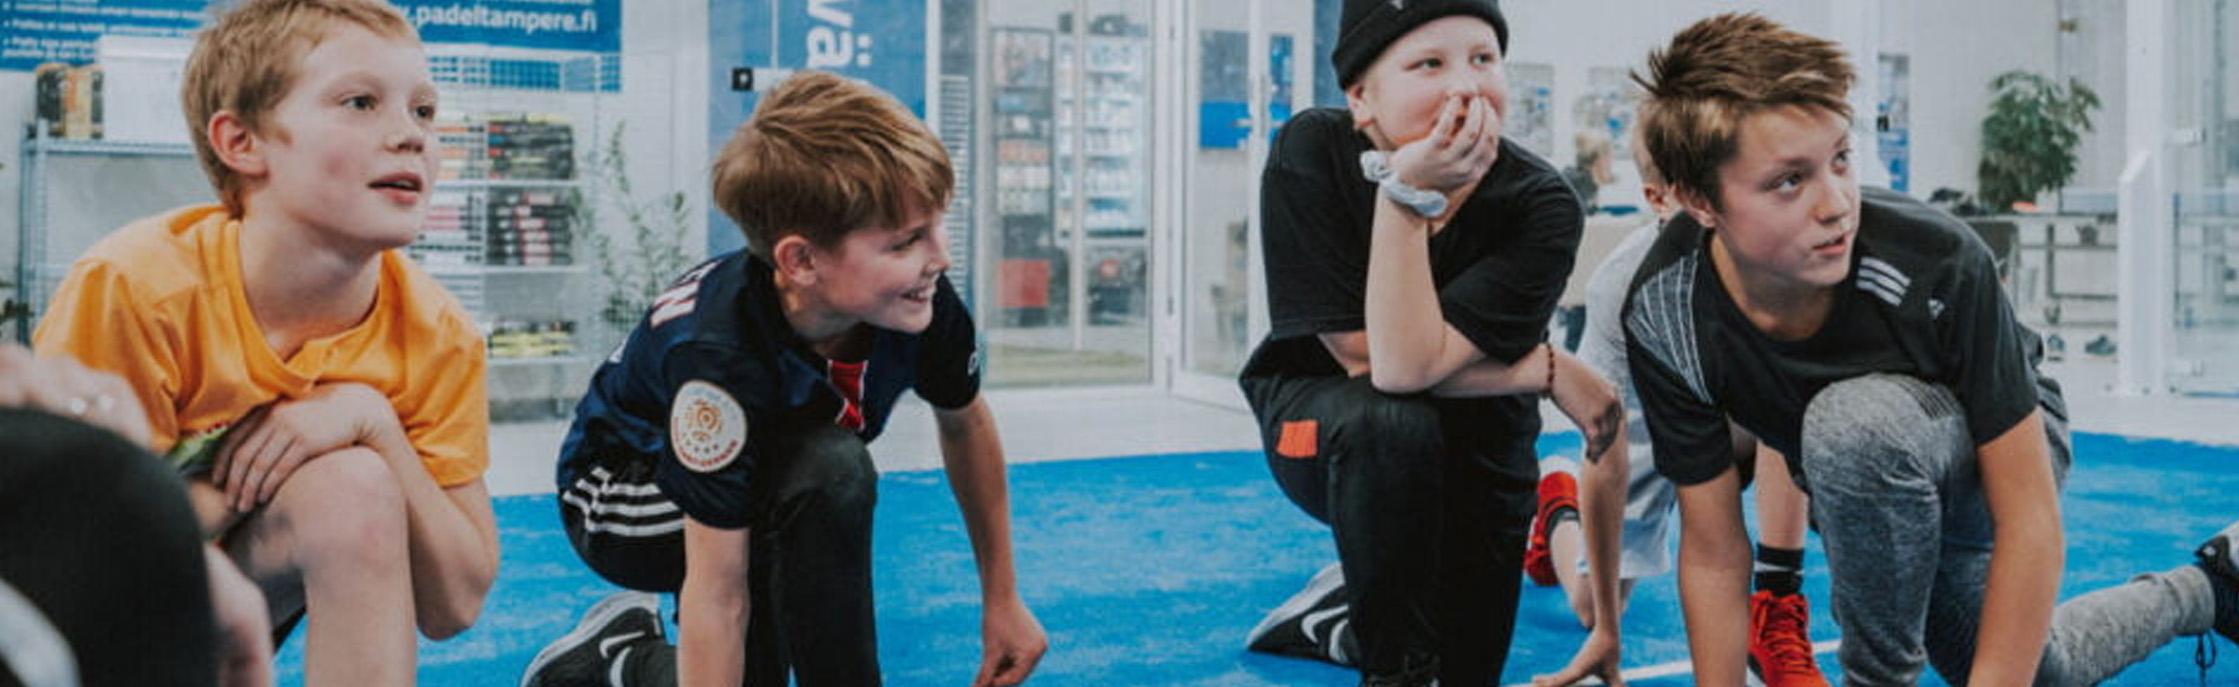 Padel Tampere -junioripelaajia